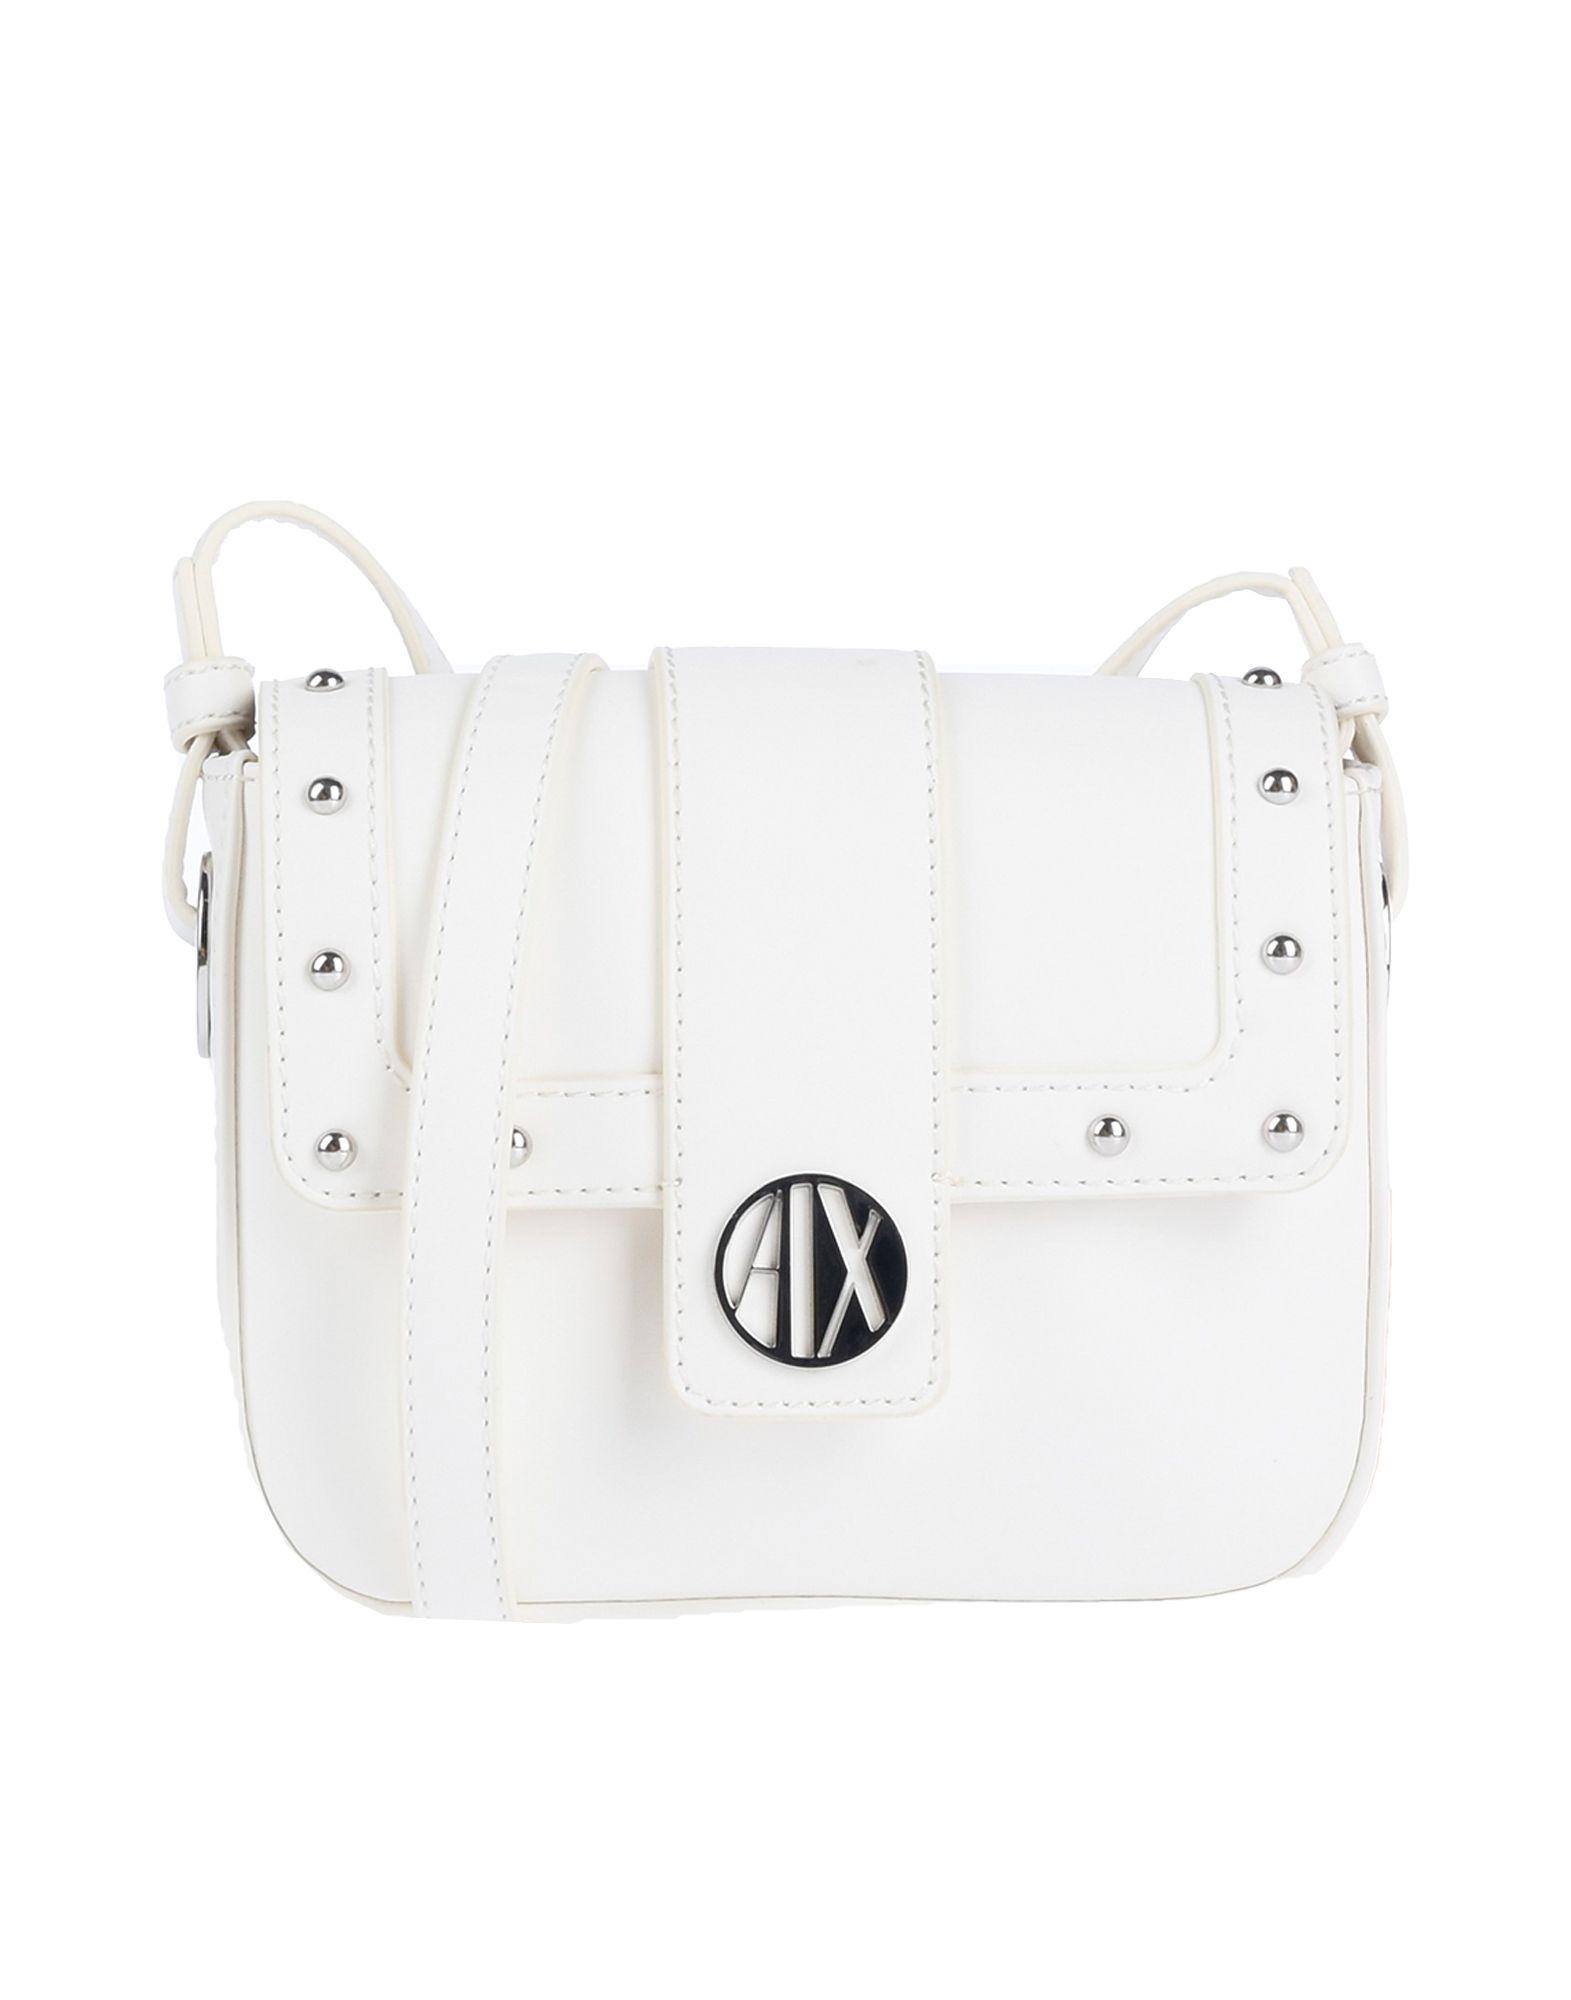 510791007af6 Shop Armani Exchange Handbags In White